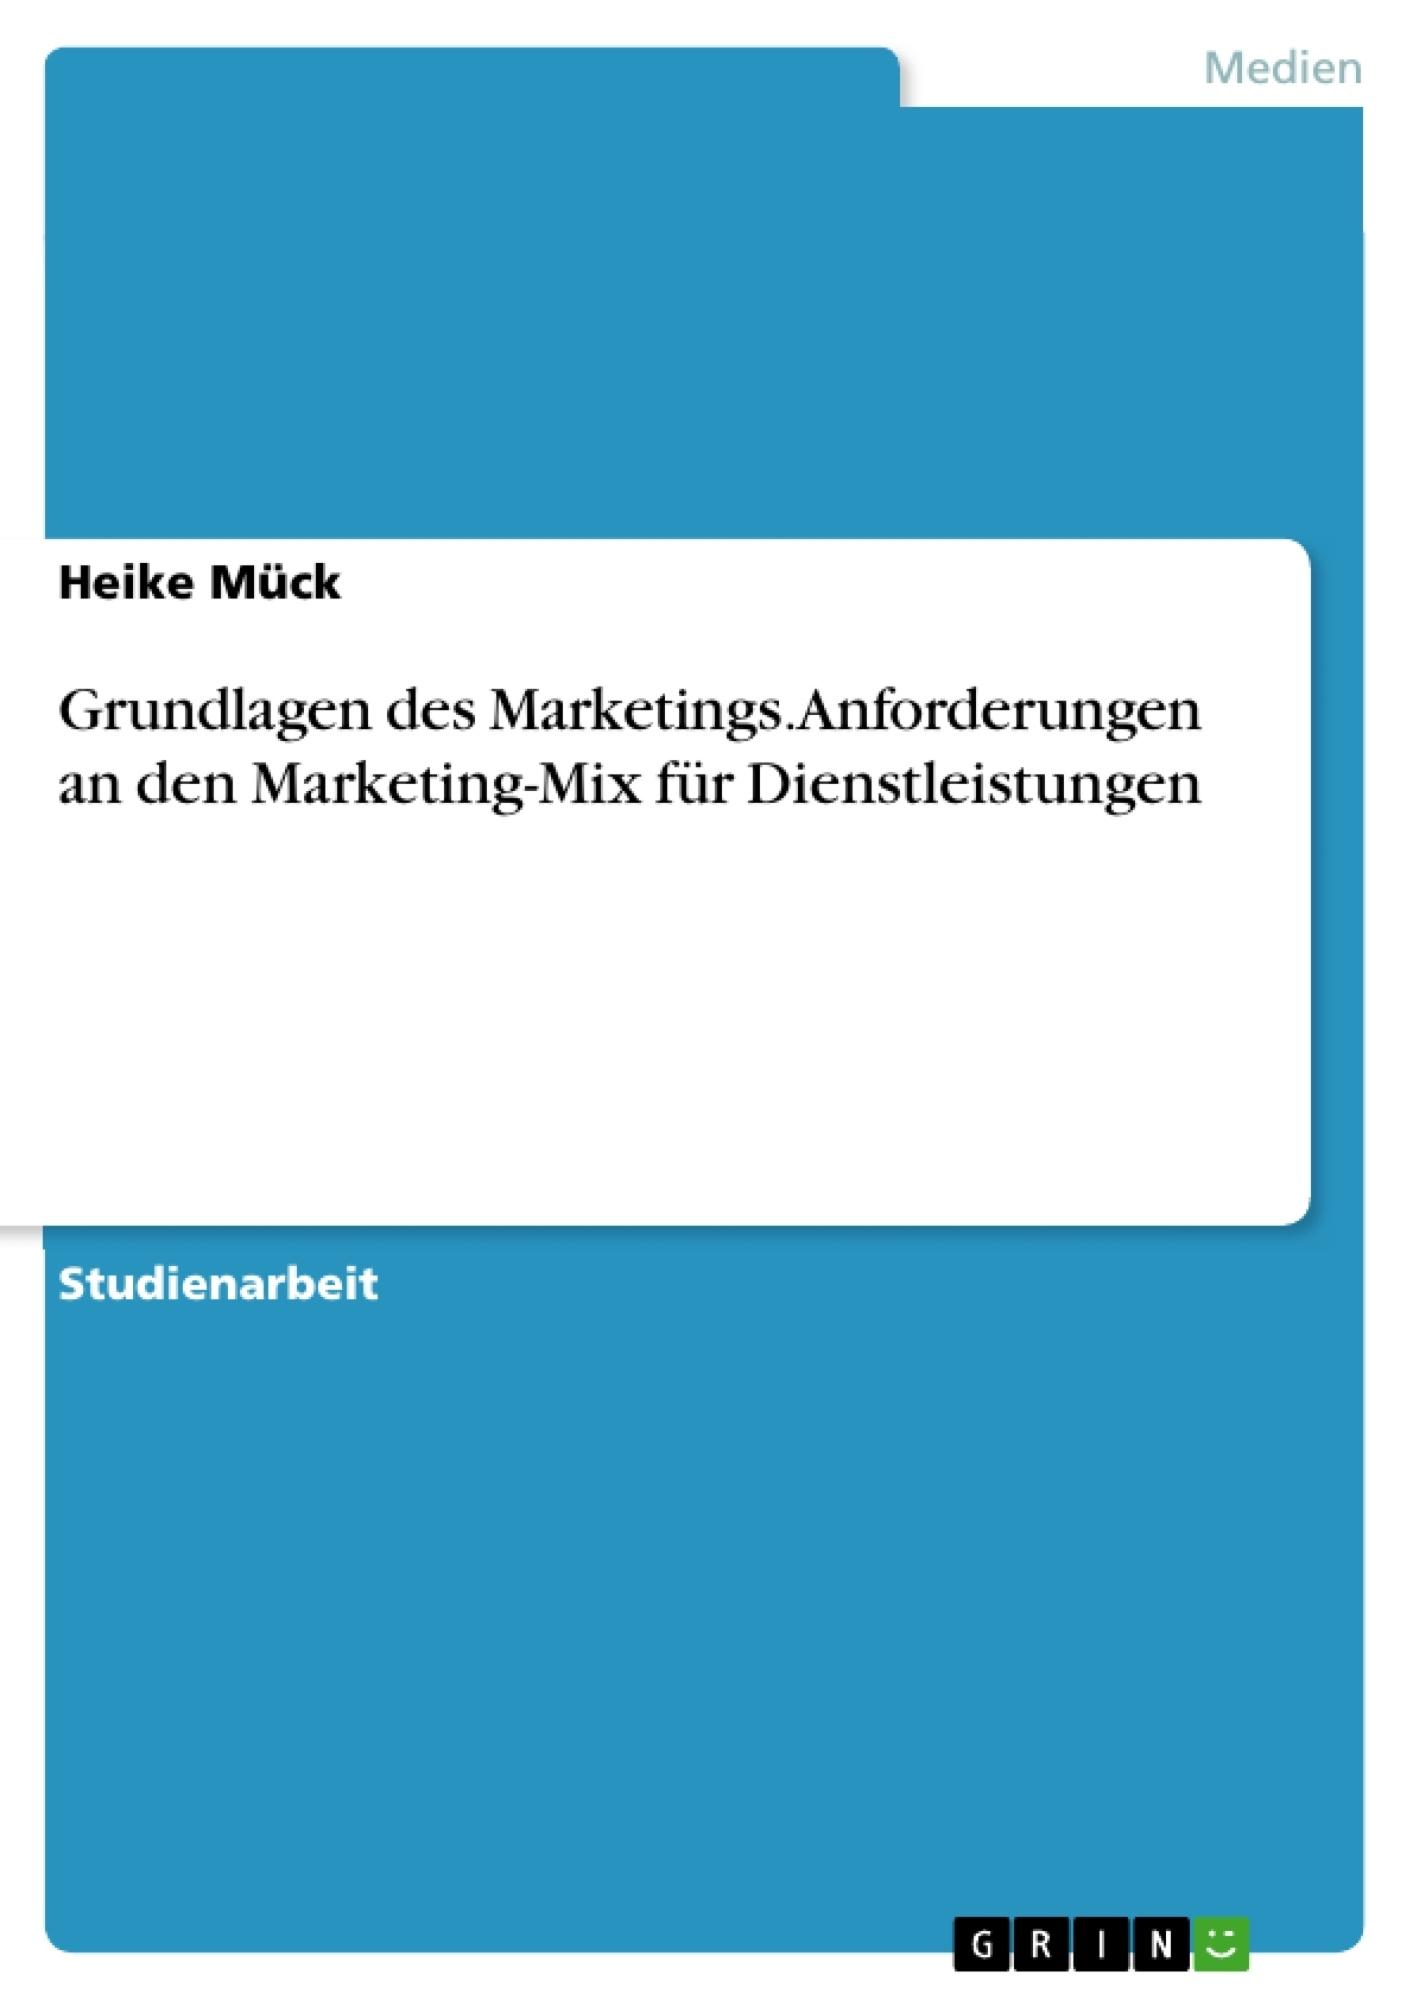 Titel: Grundlagen des Marketings. Anforderungen an den Marketing-Mix für Dienstleistungen